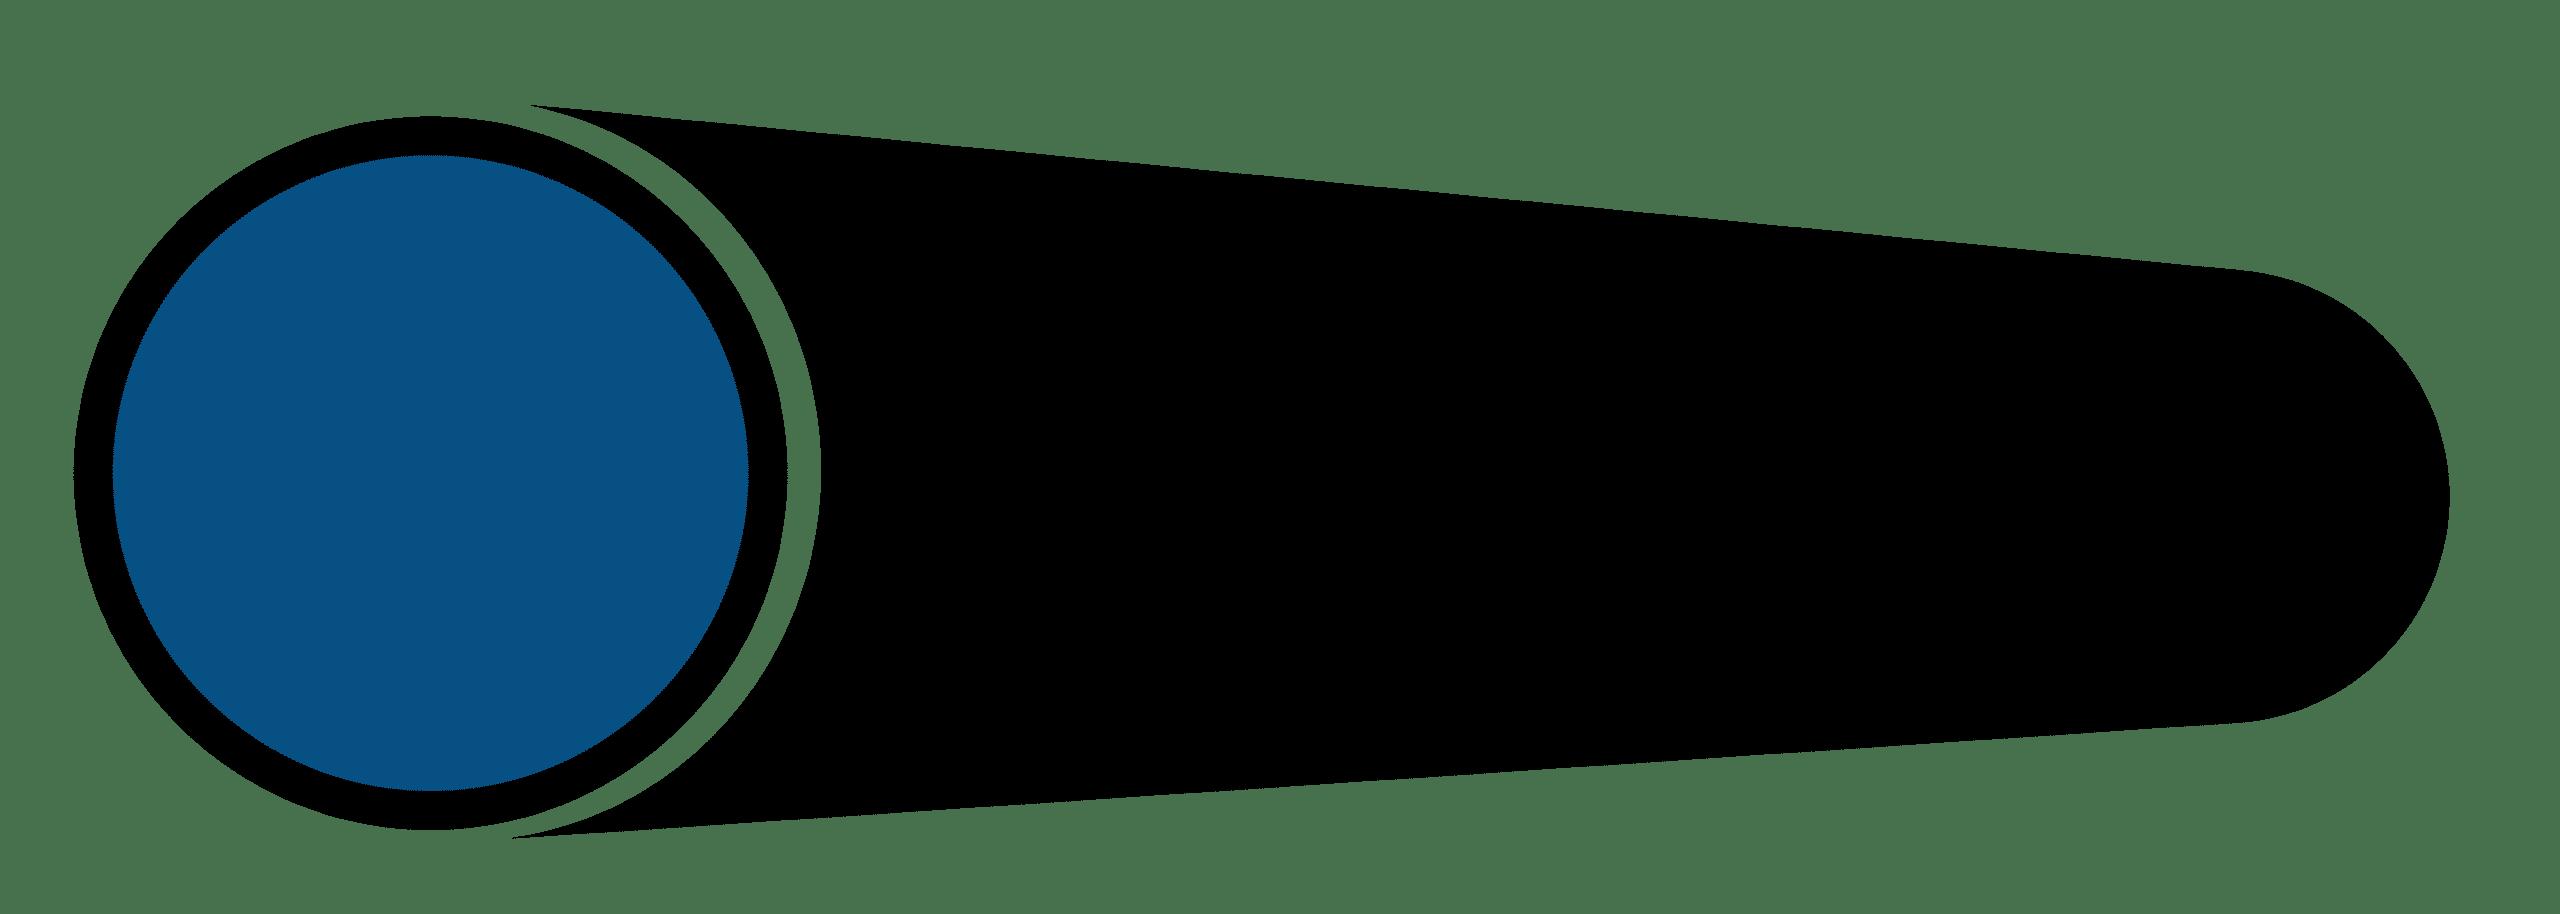 Icon ข้อดีรั้วตาข่ายฟิคซ์ล็อค เส้นลวดบนล่าง เคลือบสีดำพิเศษ